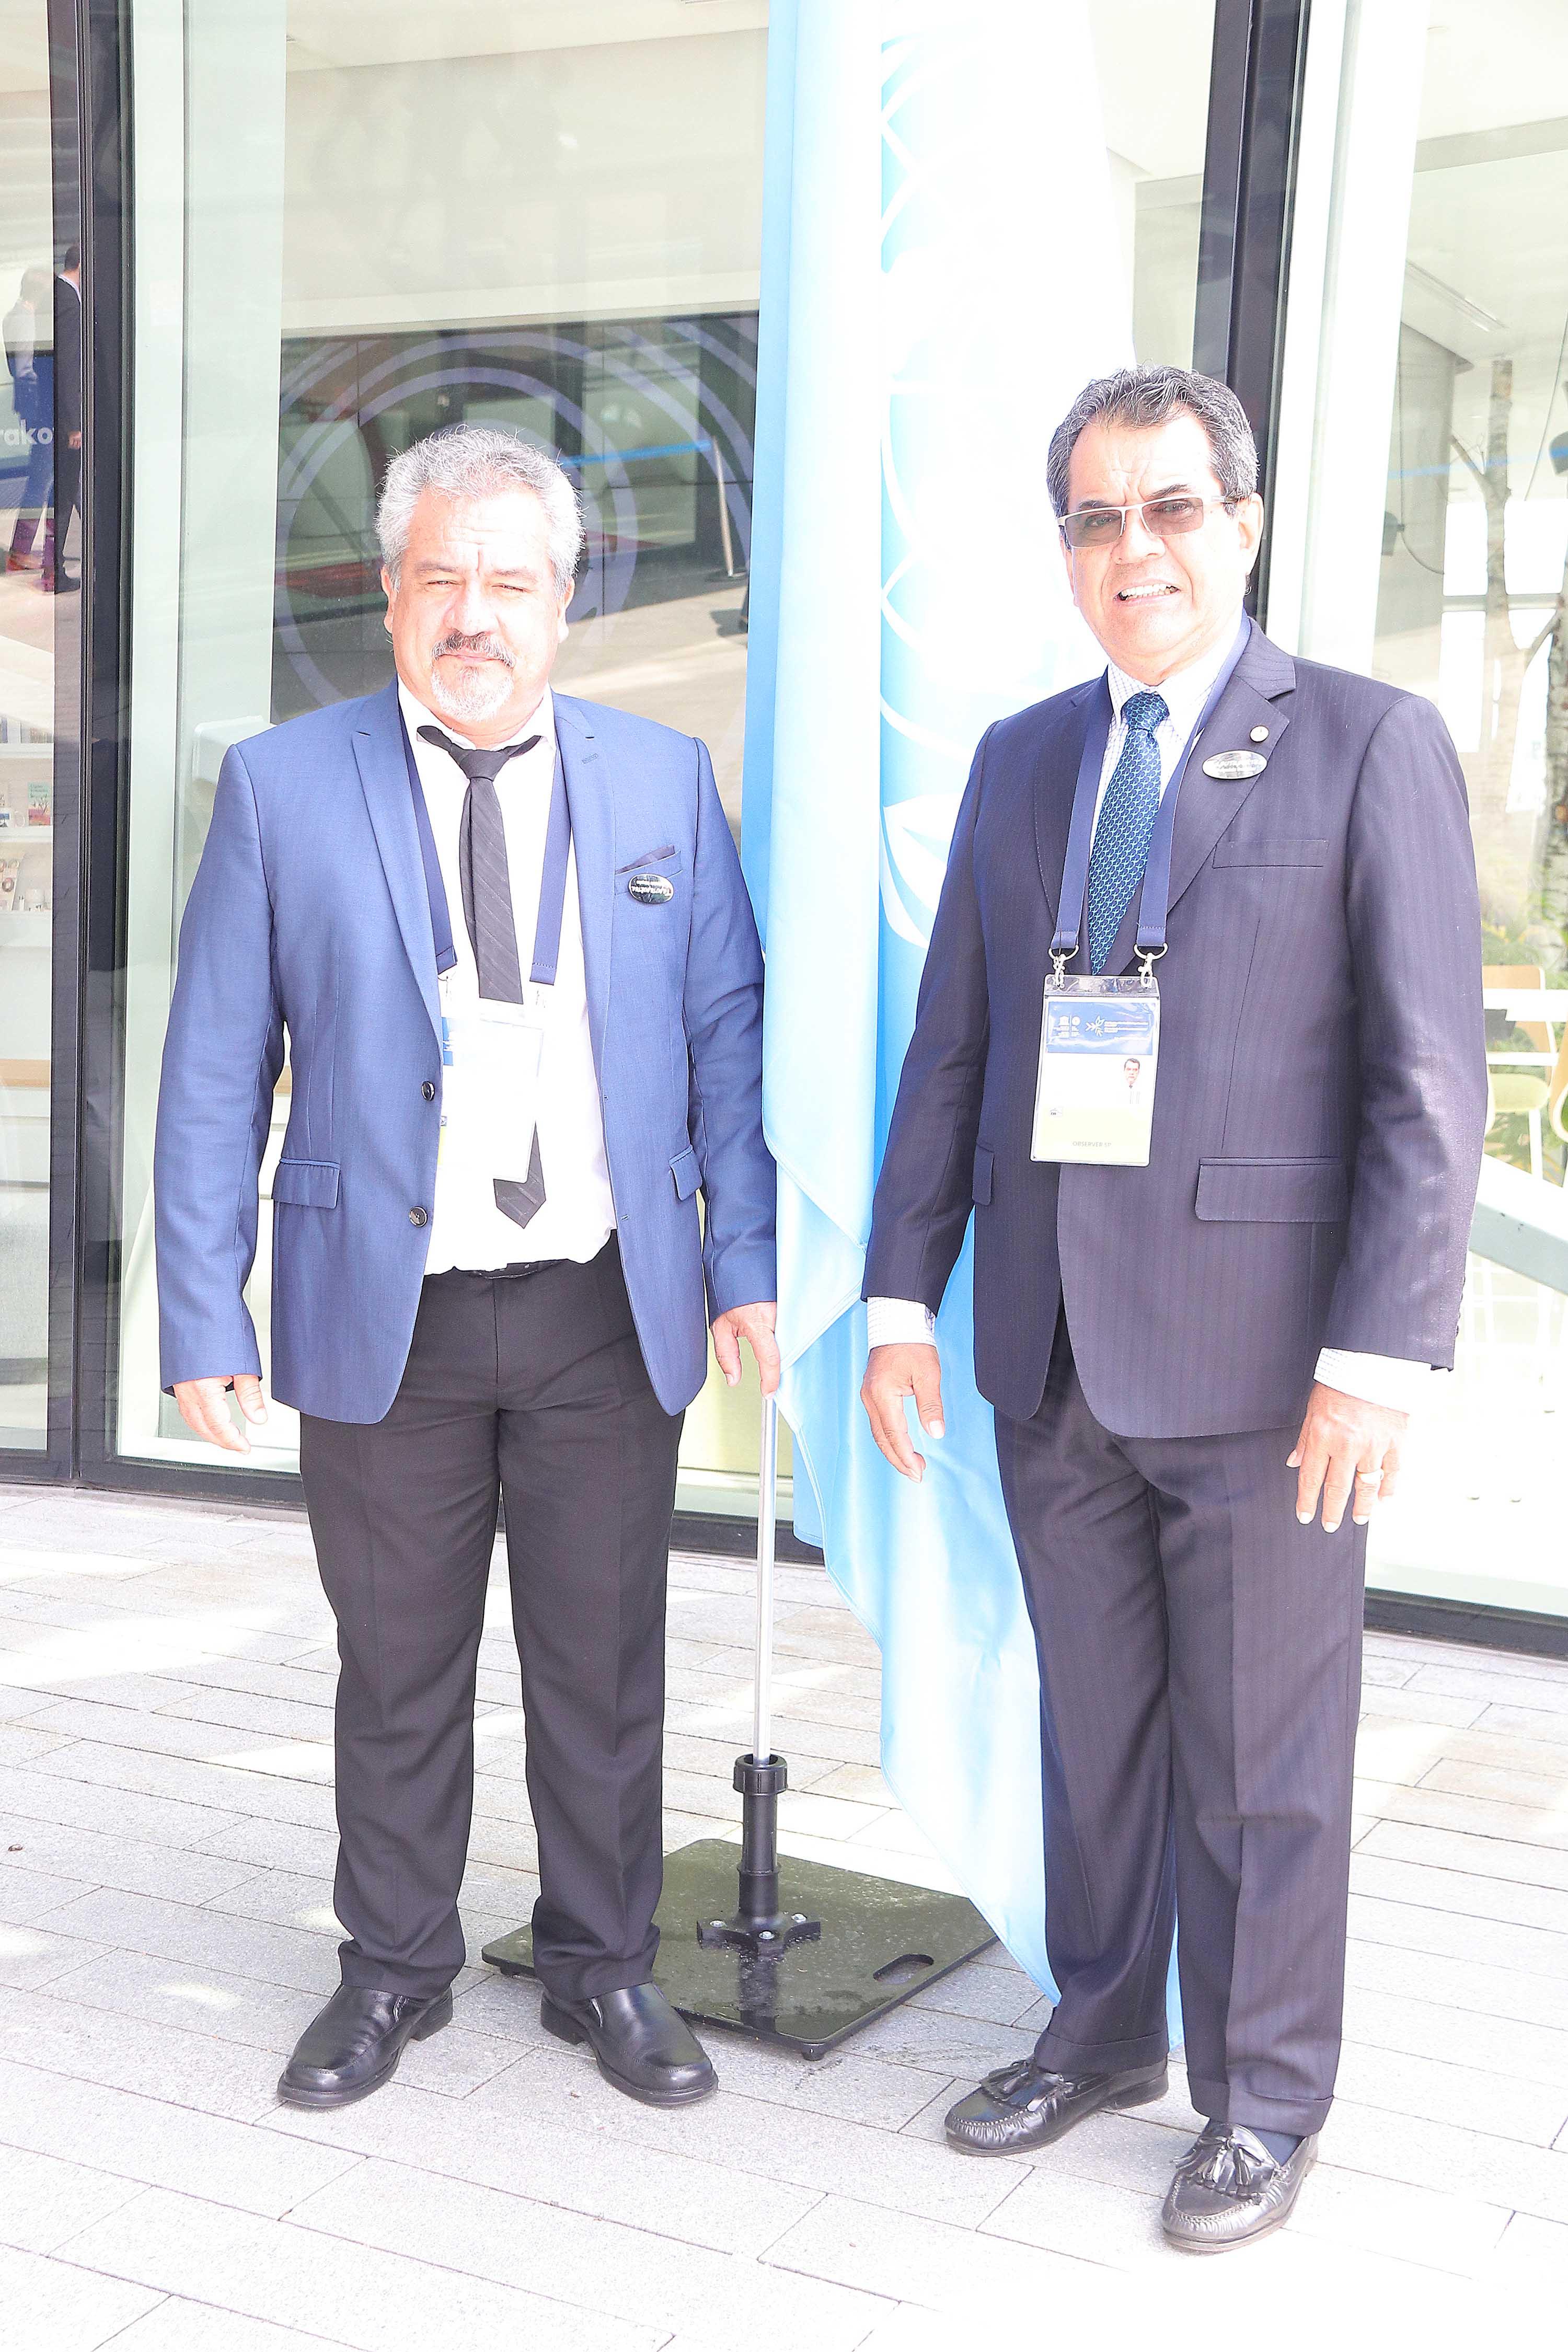 Le ministre de la Culture, Heremoana Maamaatuaiahutapu, et le président de la Polynésie française, Edouard Fritch, au centre de conventions où se déroule la réunion de l'UNESCO.